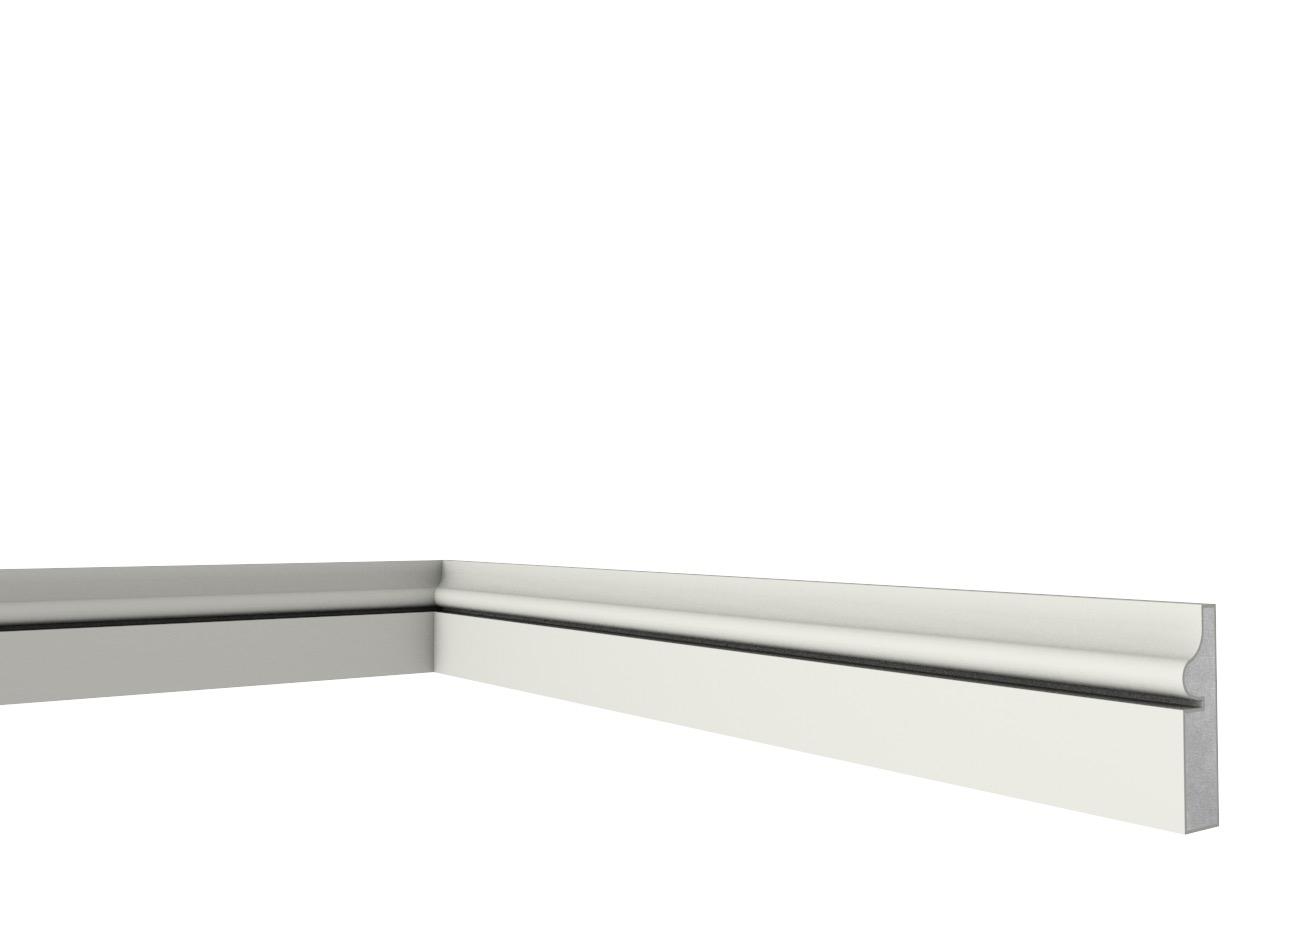 Zoccolo 3 - Zoccolo in polistirene spalmato con graniglie 200 CM. - Decorget - Ital Decori - Image 0